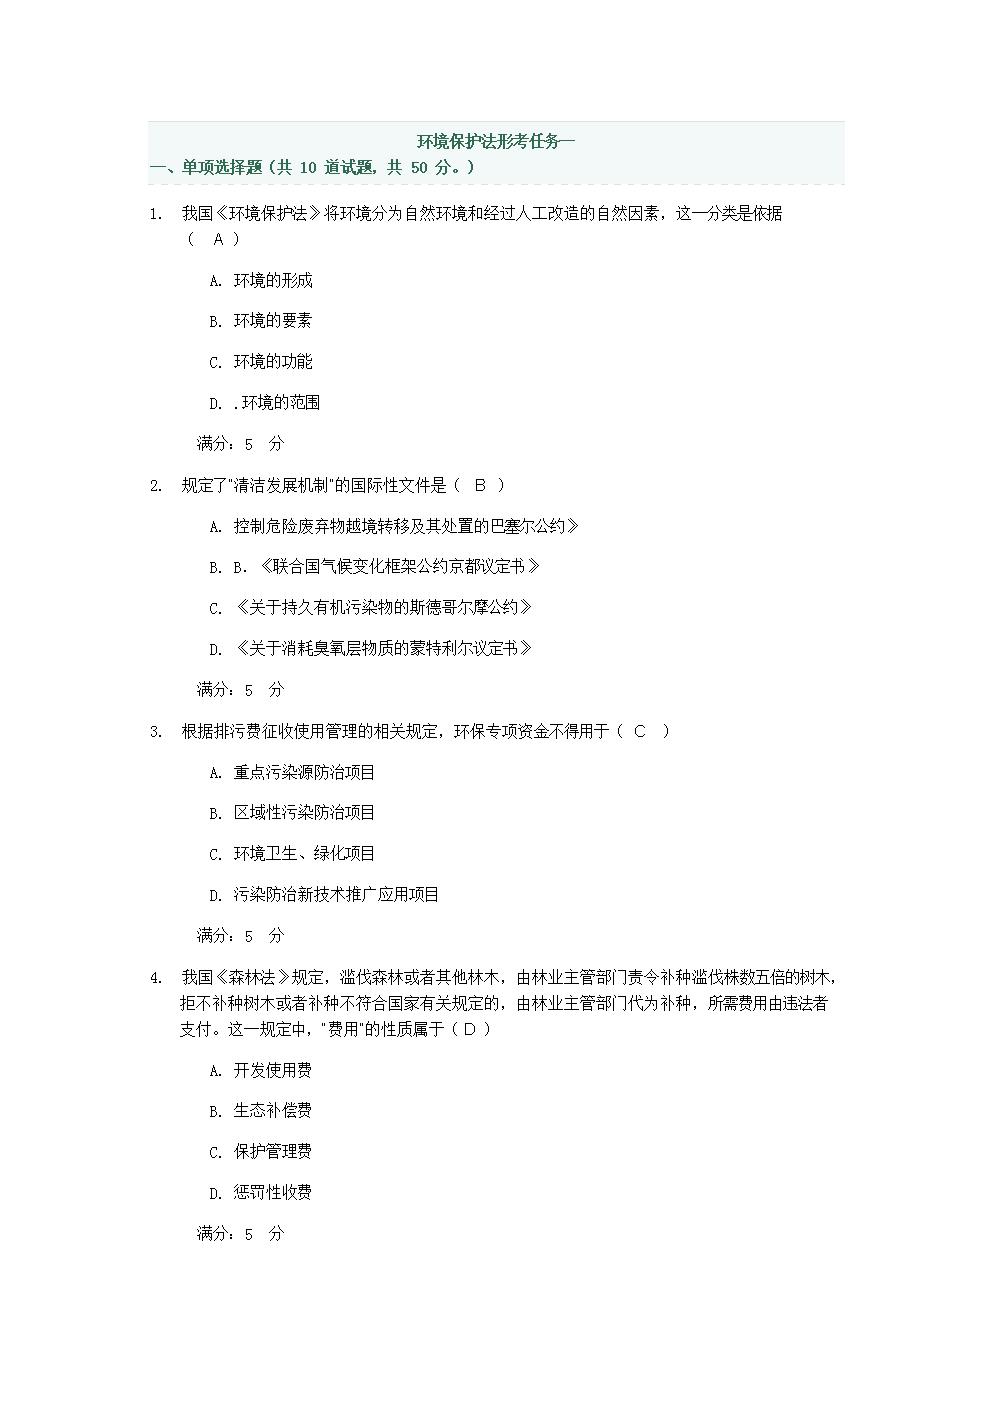 环境保护法形考任务1-4合集附答案.doc